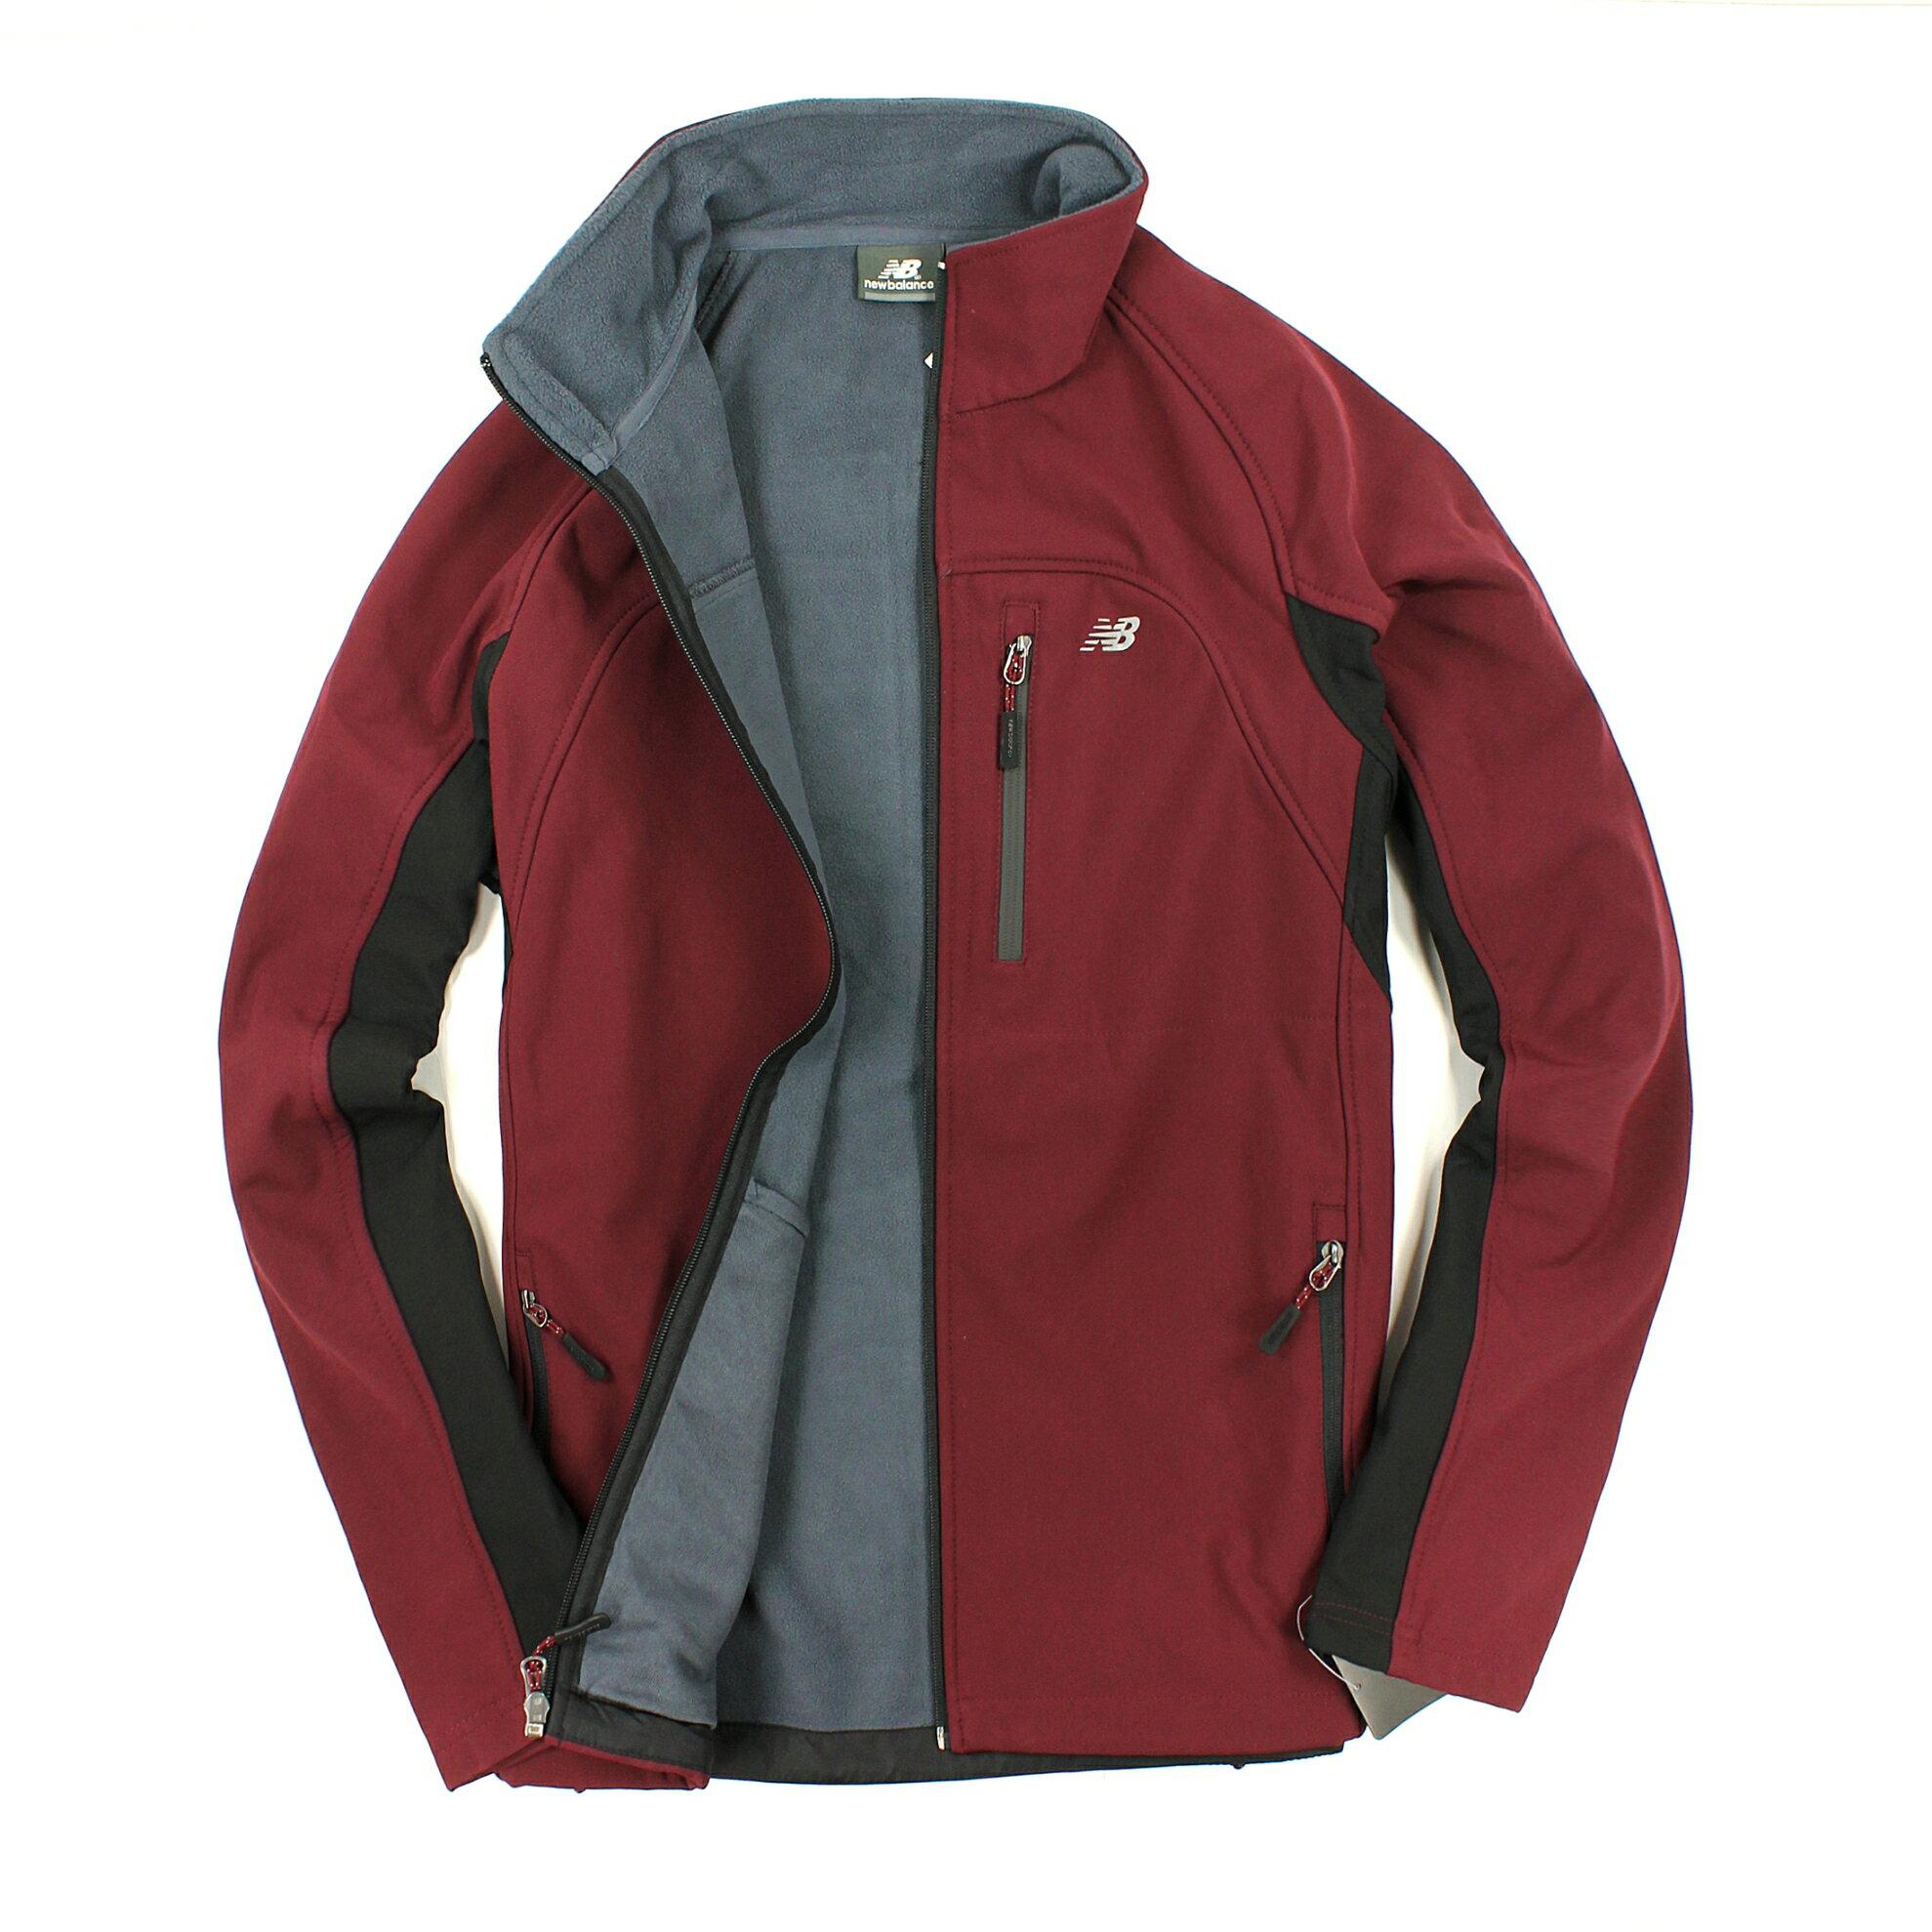 美國百分百【全新真品】New Balance 外套 NB 軟殼 夾克 紅黑 防風 防水 保暖 立領 男 S M B573